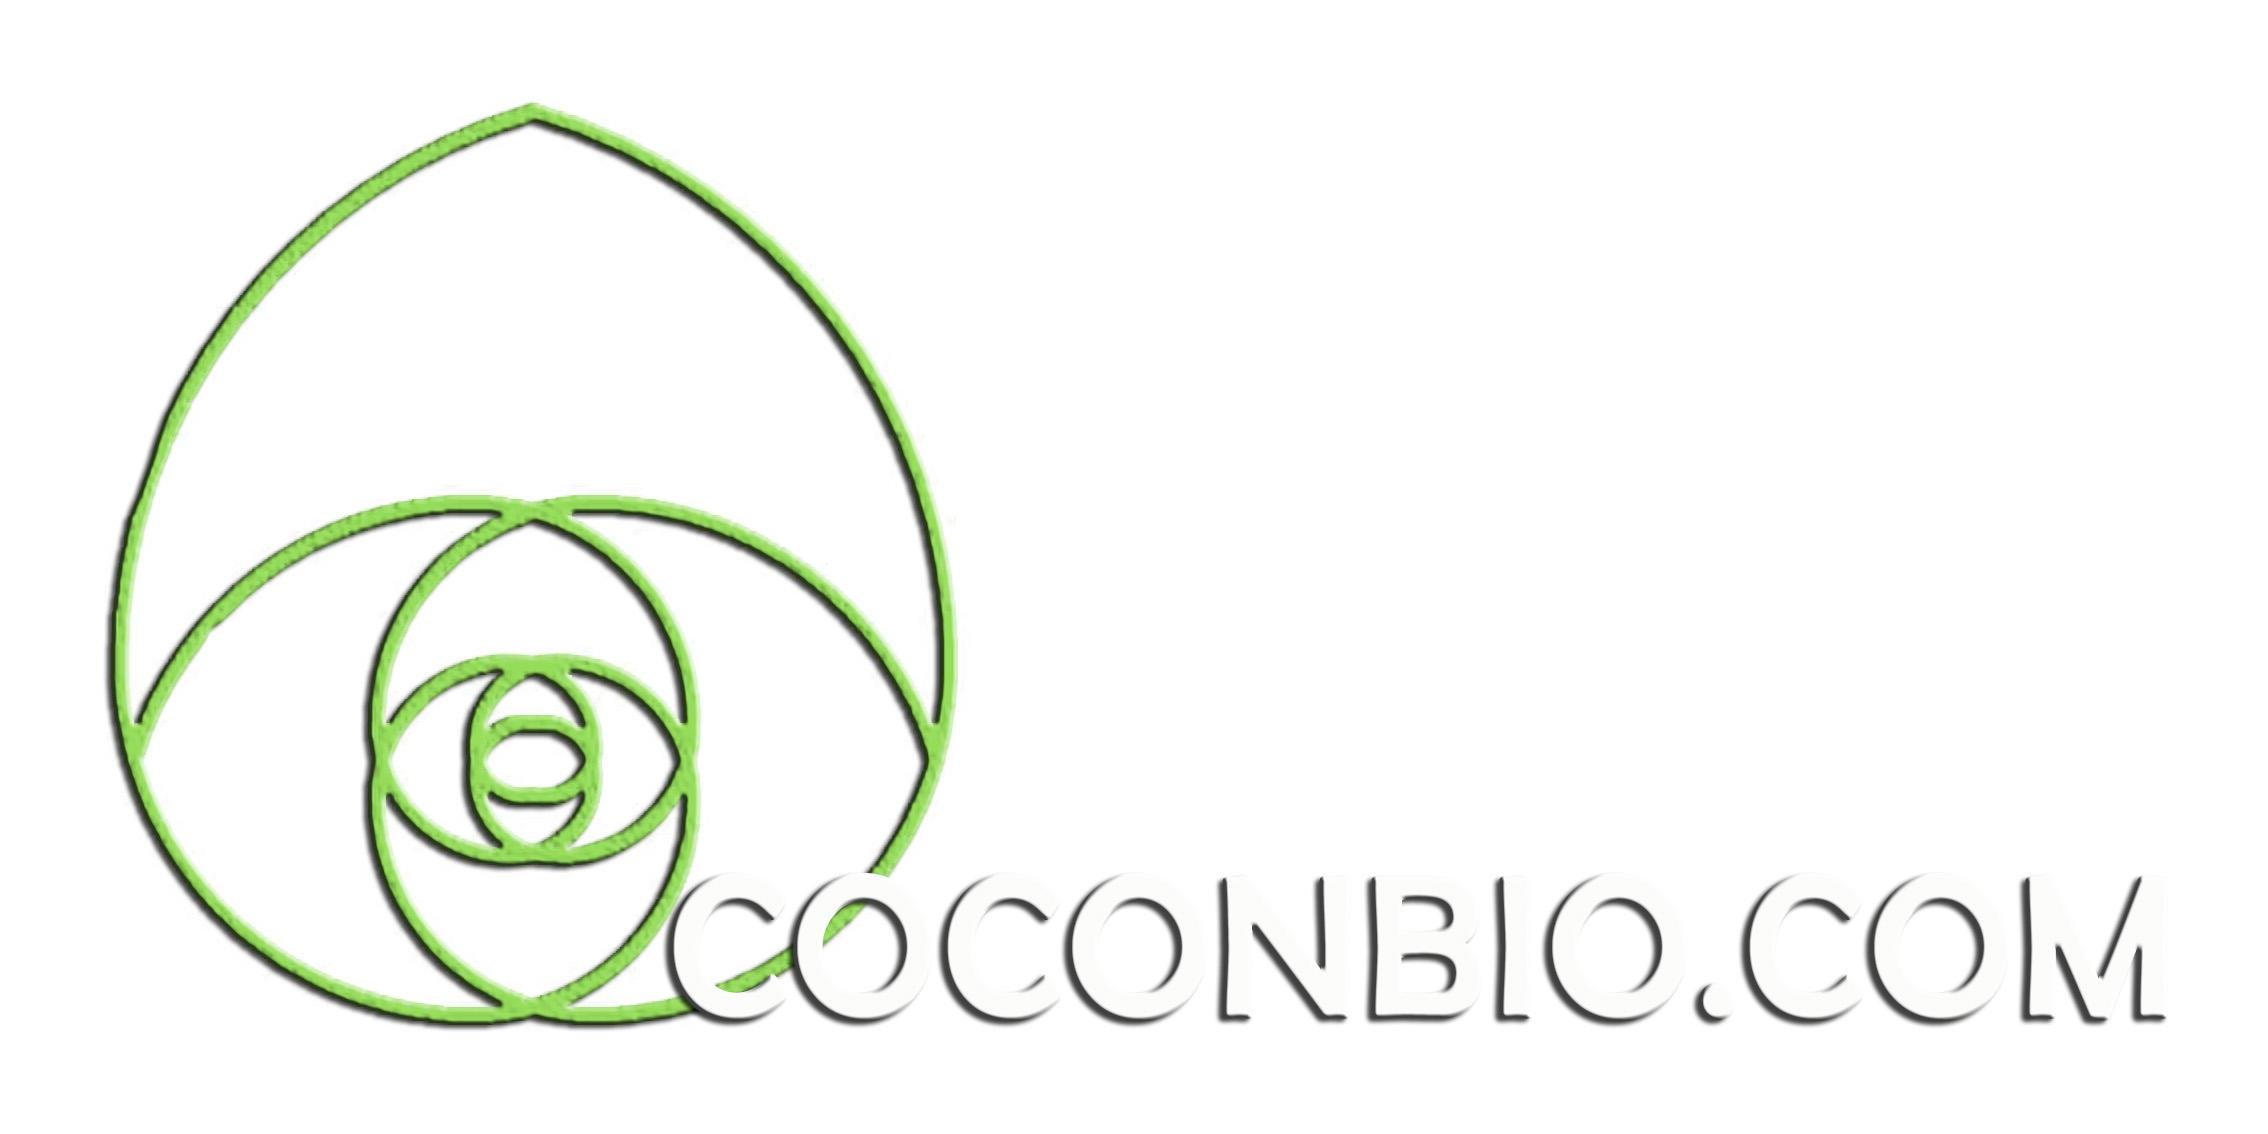 coconbio